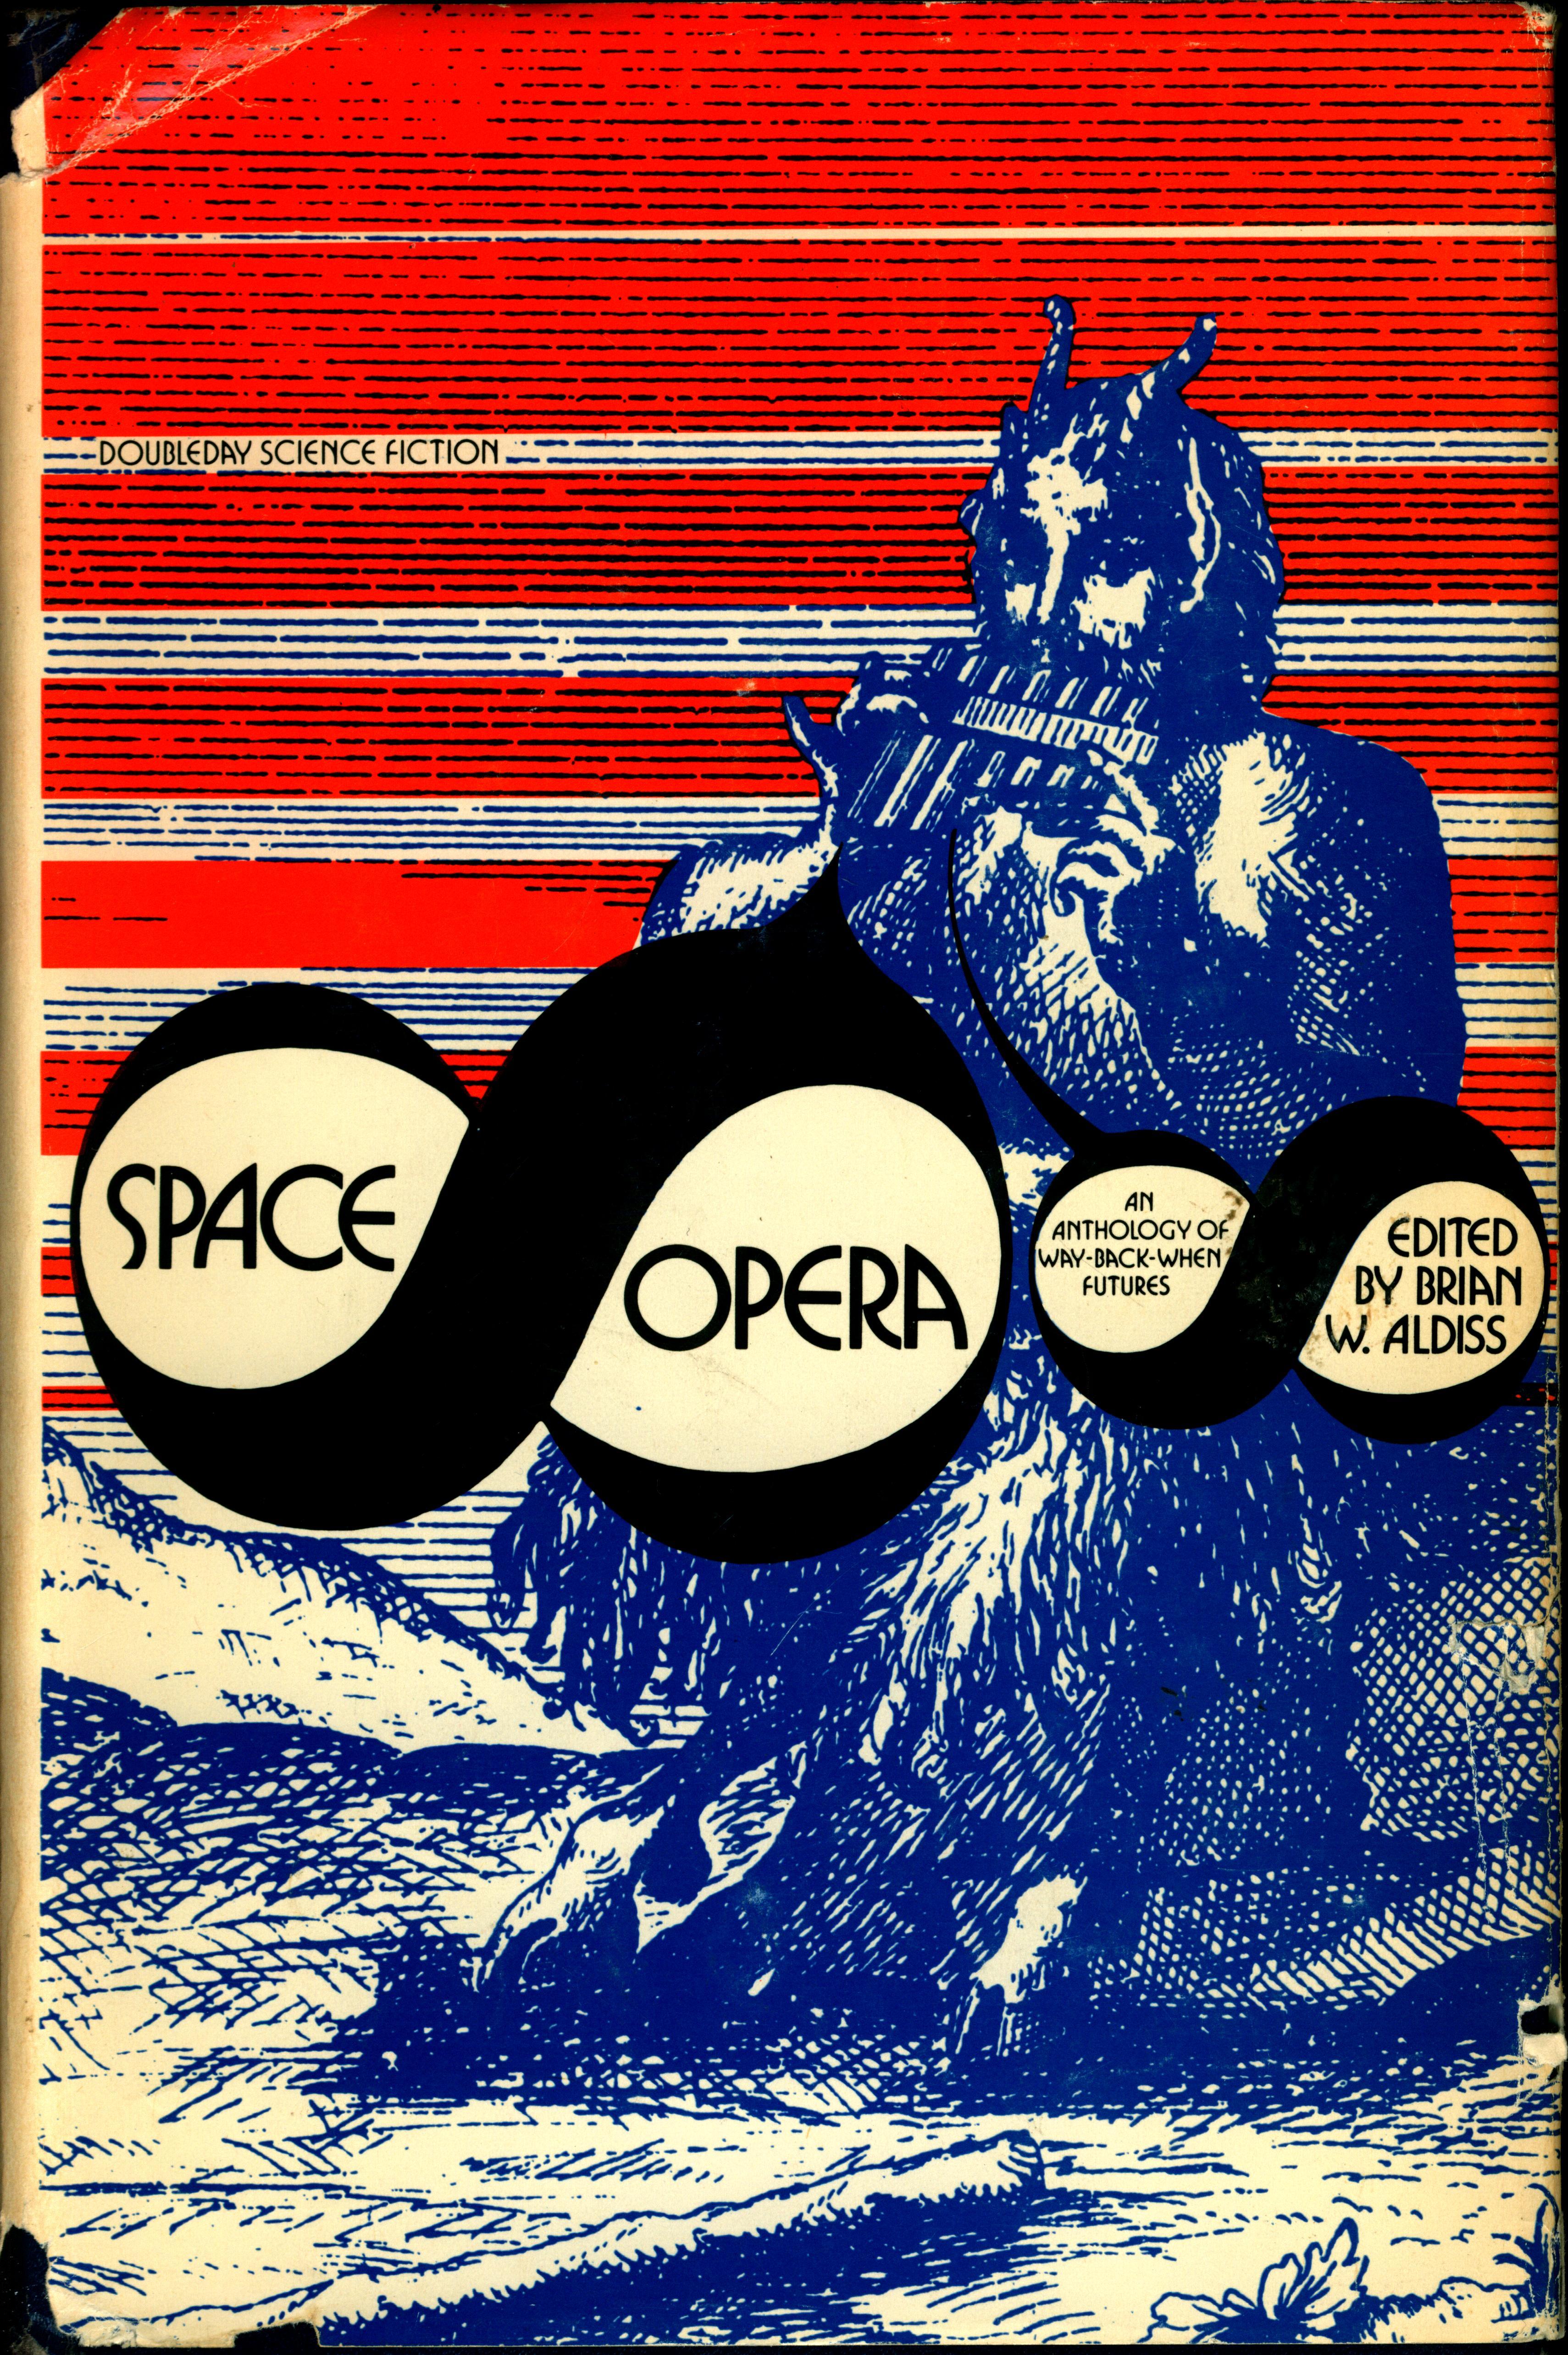 SpaceOpera.jpg